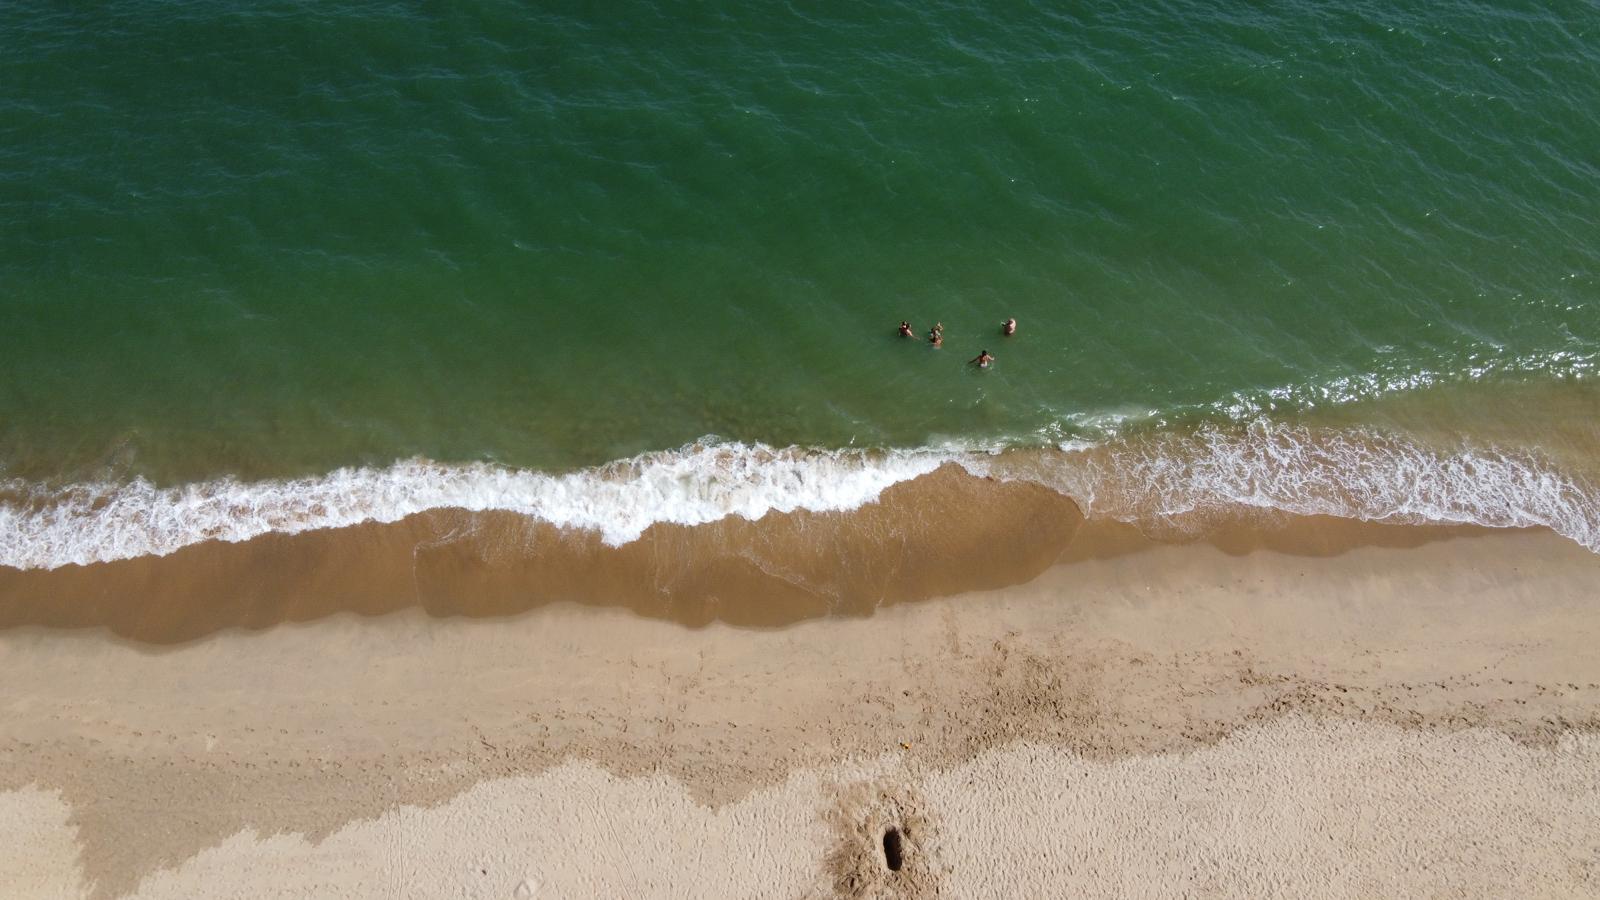 La temporada de baño finaliza con las aguas de las playas de Huelva en buenos niveles sanitarios